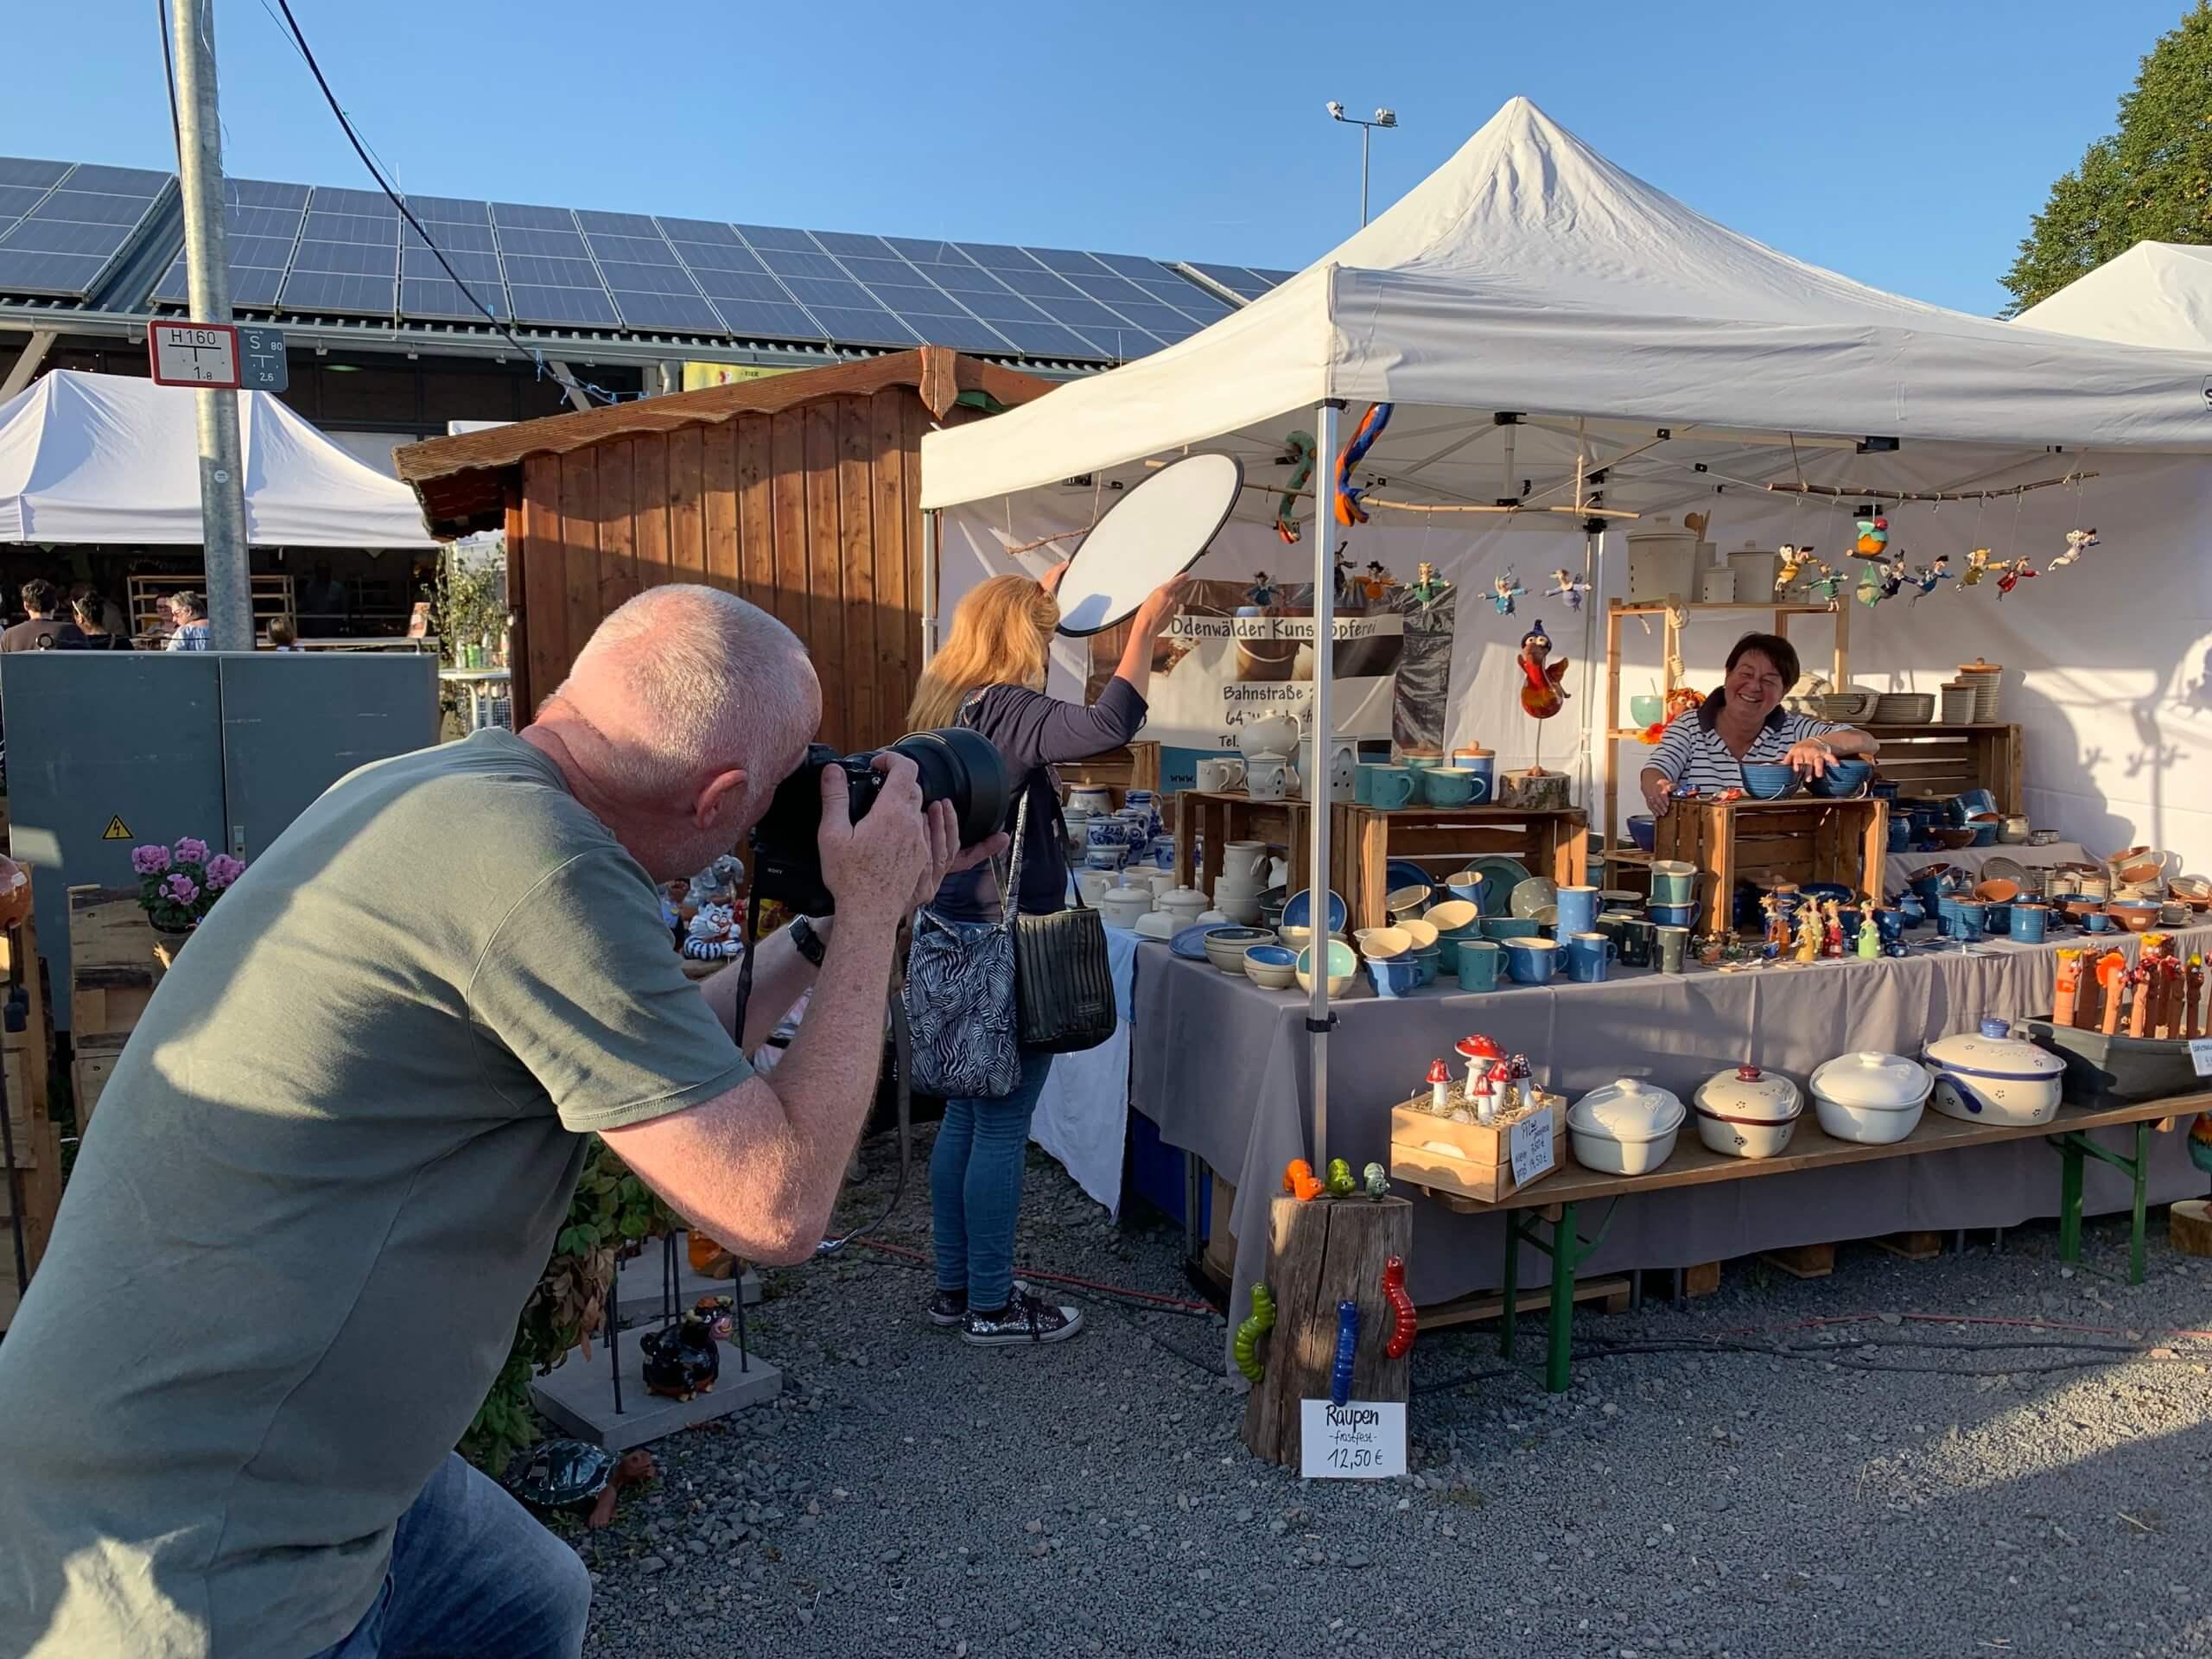 Content Produktion - Fotoshooting und Videodreh für Hessen Tourismus durch die Marketingagentur justZARGEScommunicate